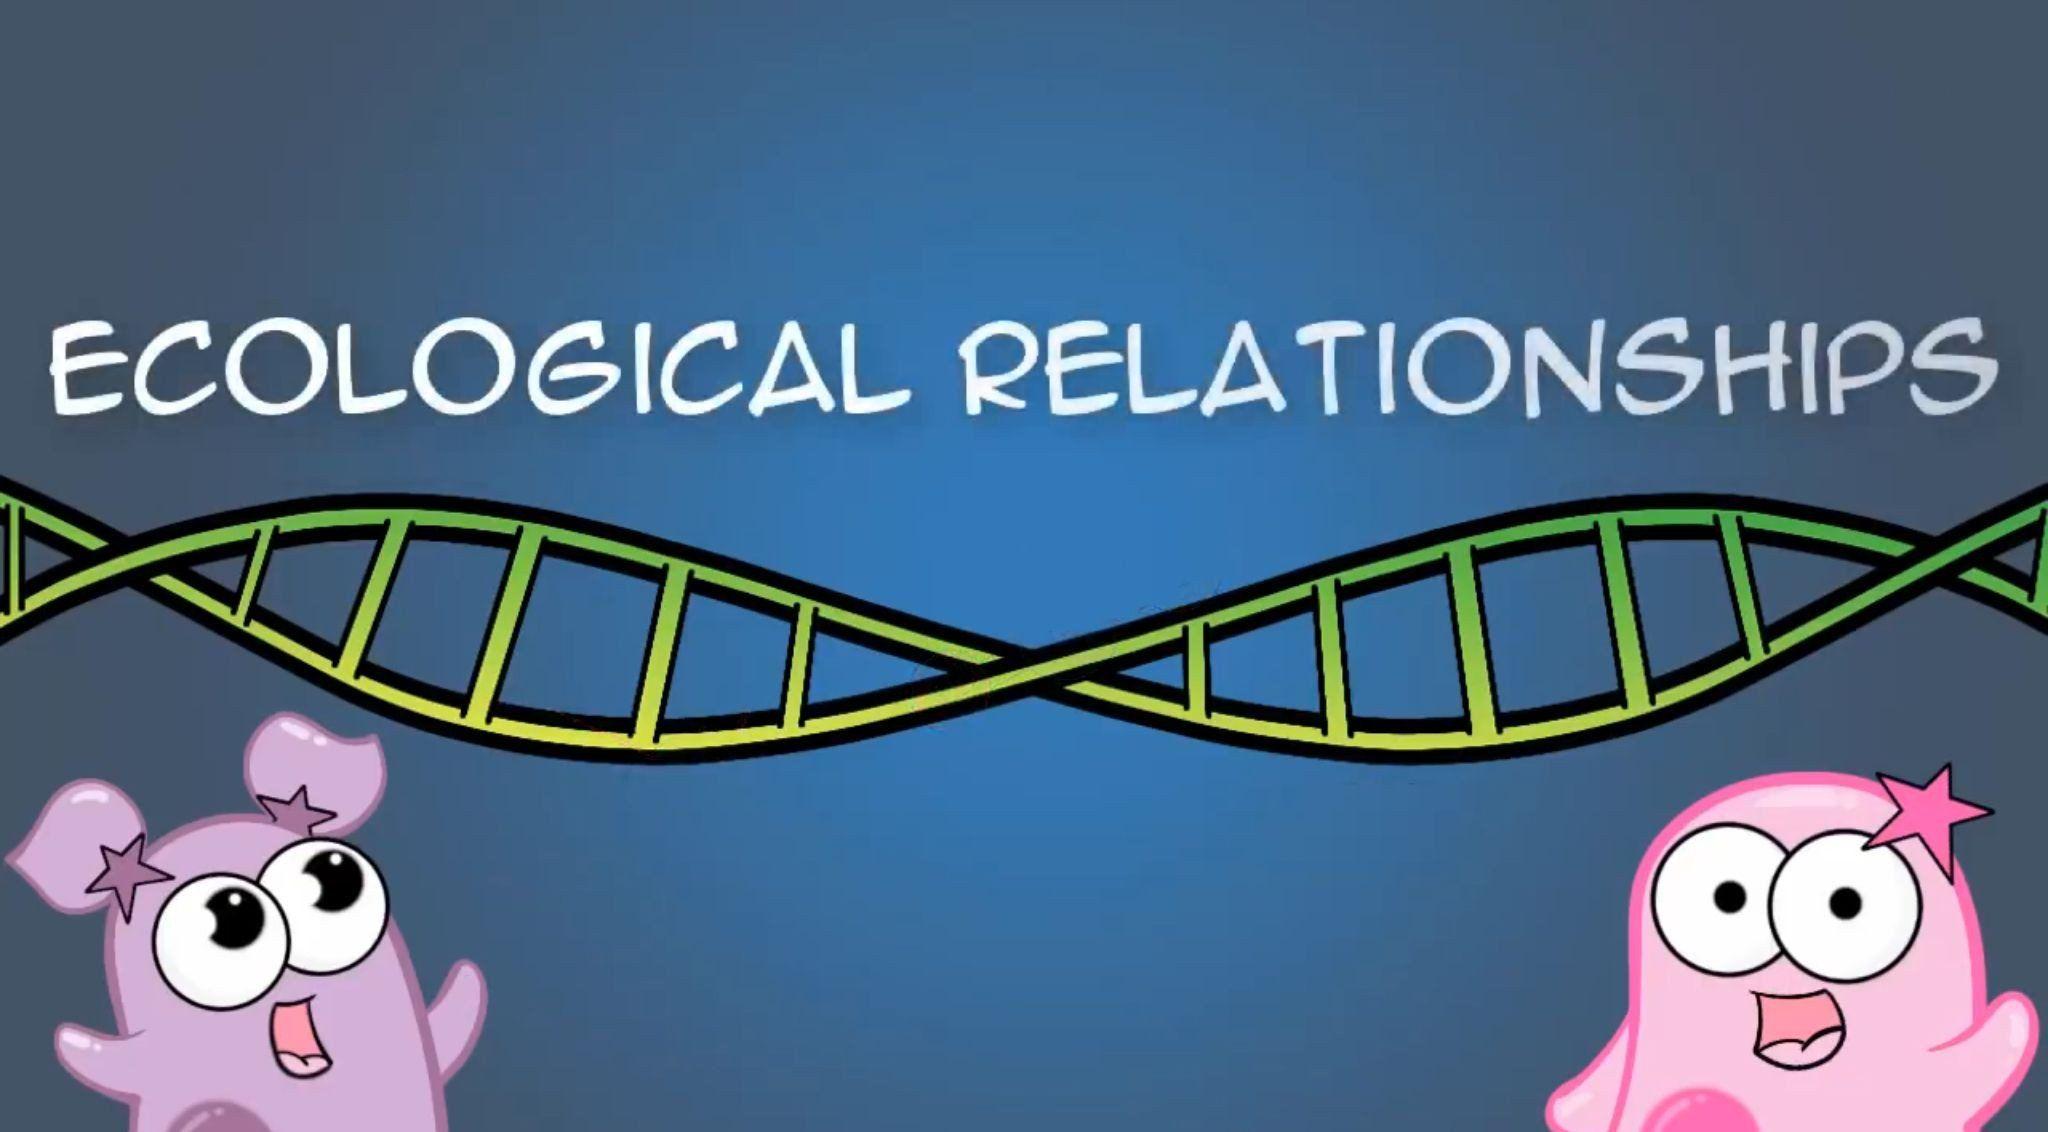 Ecological Relationships Worksheet Answers Ecological Relationships Amoeba Sist In 2020 Relationship Worksheets Kids Worksheets Printables Free Kindergarten Worksheets